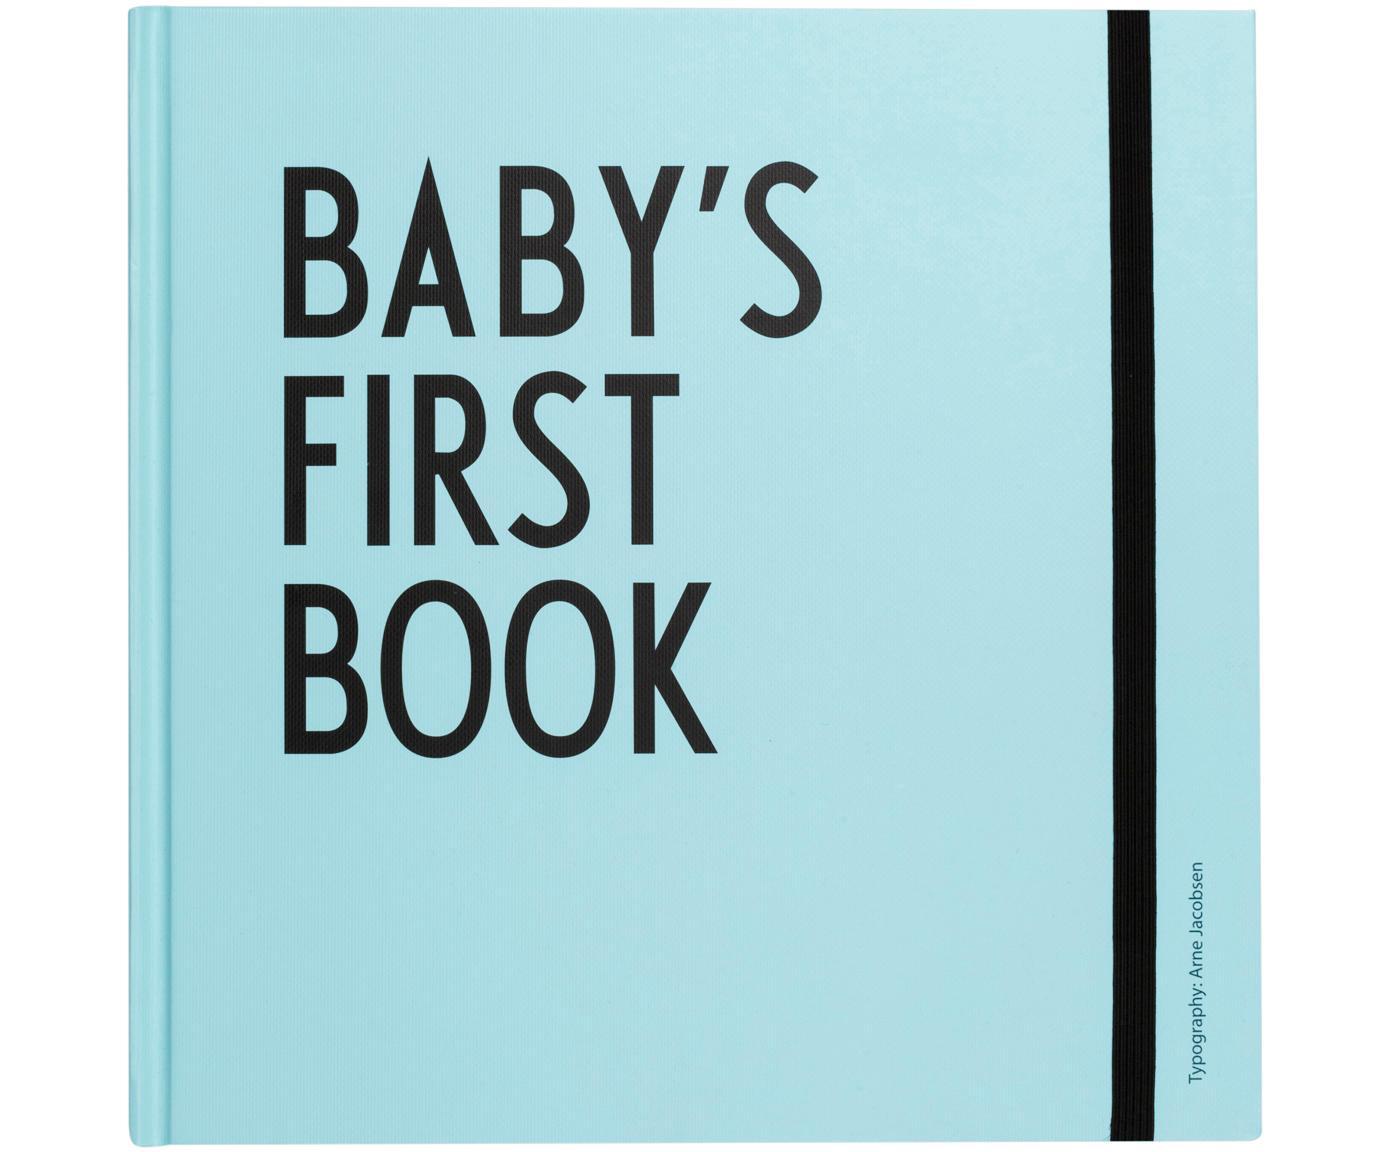 Libro de recuerdos Baby´s First Book, Papel, Azul, An 25 x Al 25 cm